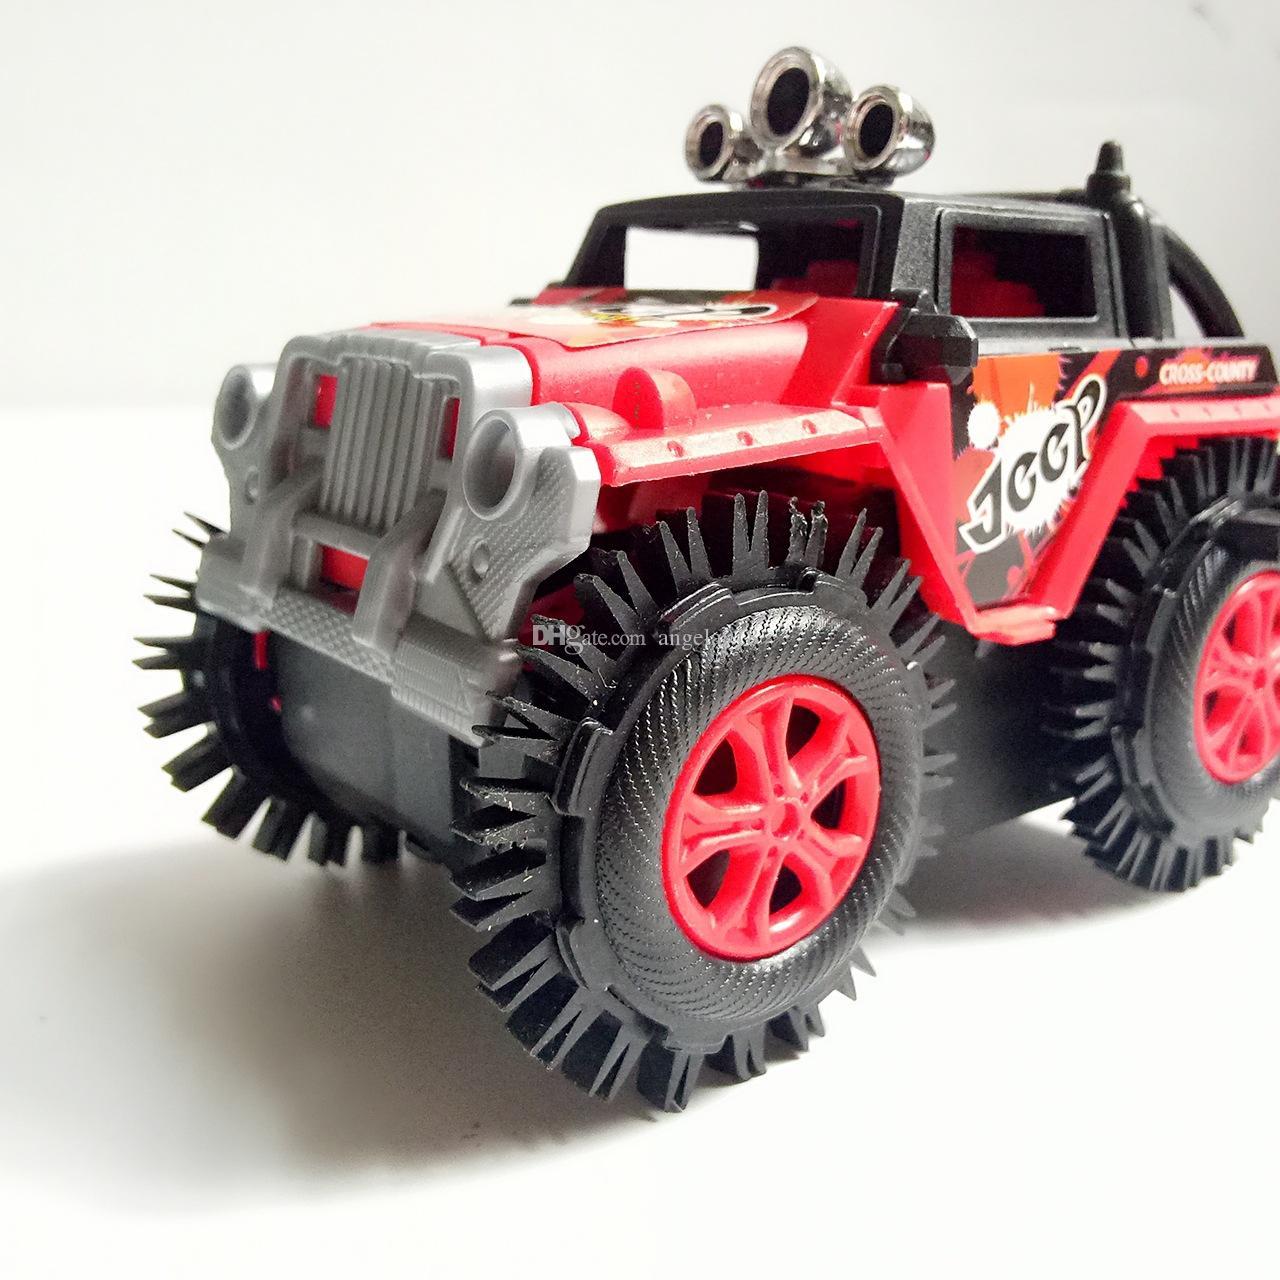 어린이 장난감 오프로드 스턴트 덤프 트럭 전기 자동차 차량 모델 3 색 특수 고무 타이어 V114